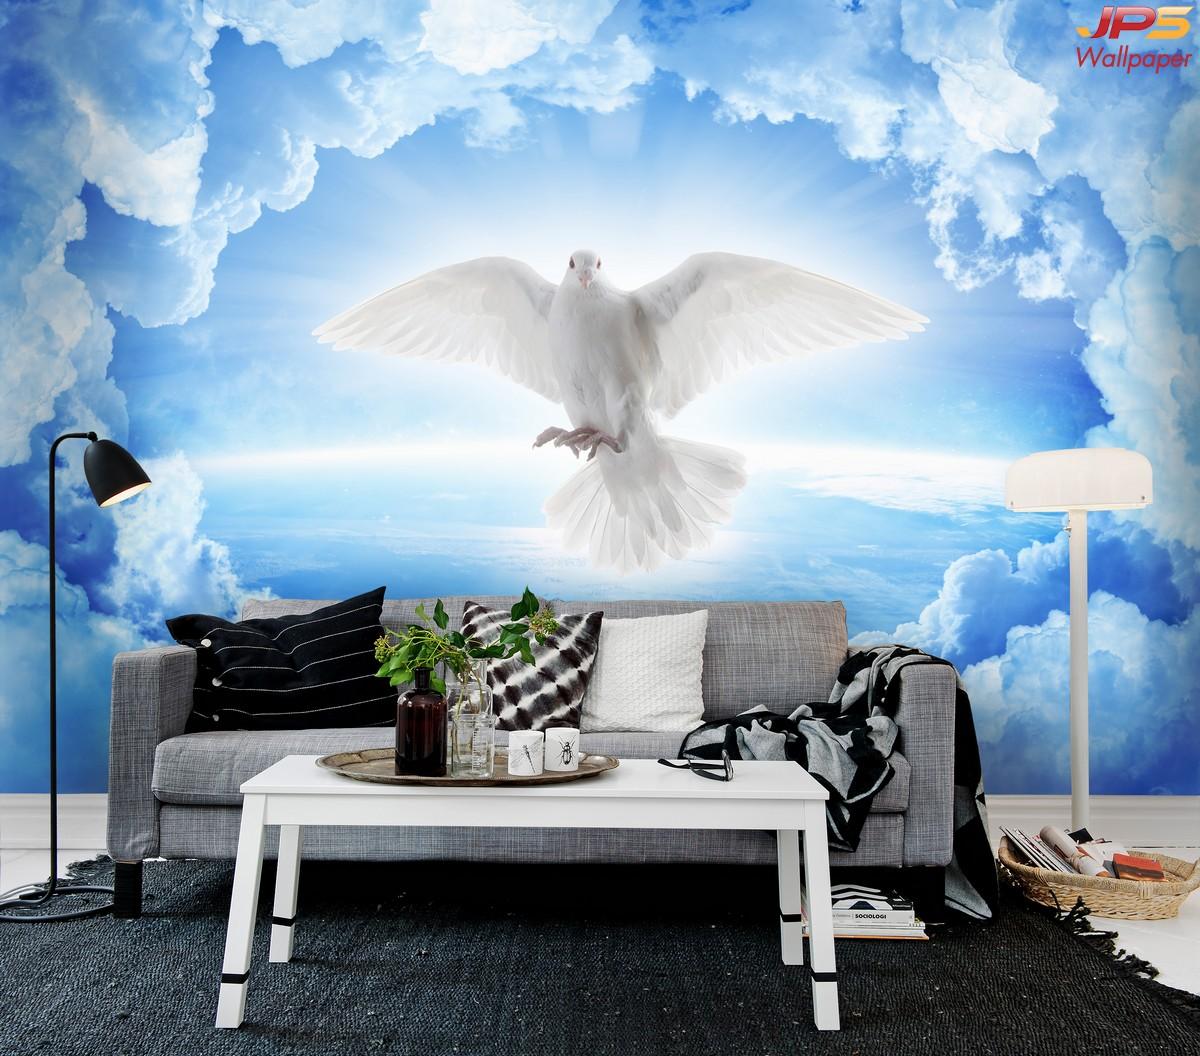 รับทําวอลเปเปอร์ตามสั่ง ติดห้องนั่งเล่น ลายนกพิราบขาวและก้อนเมฆ